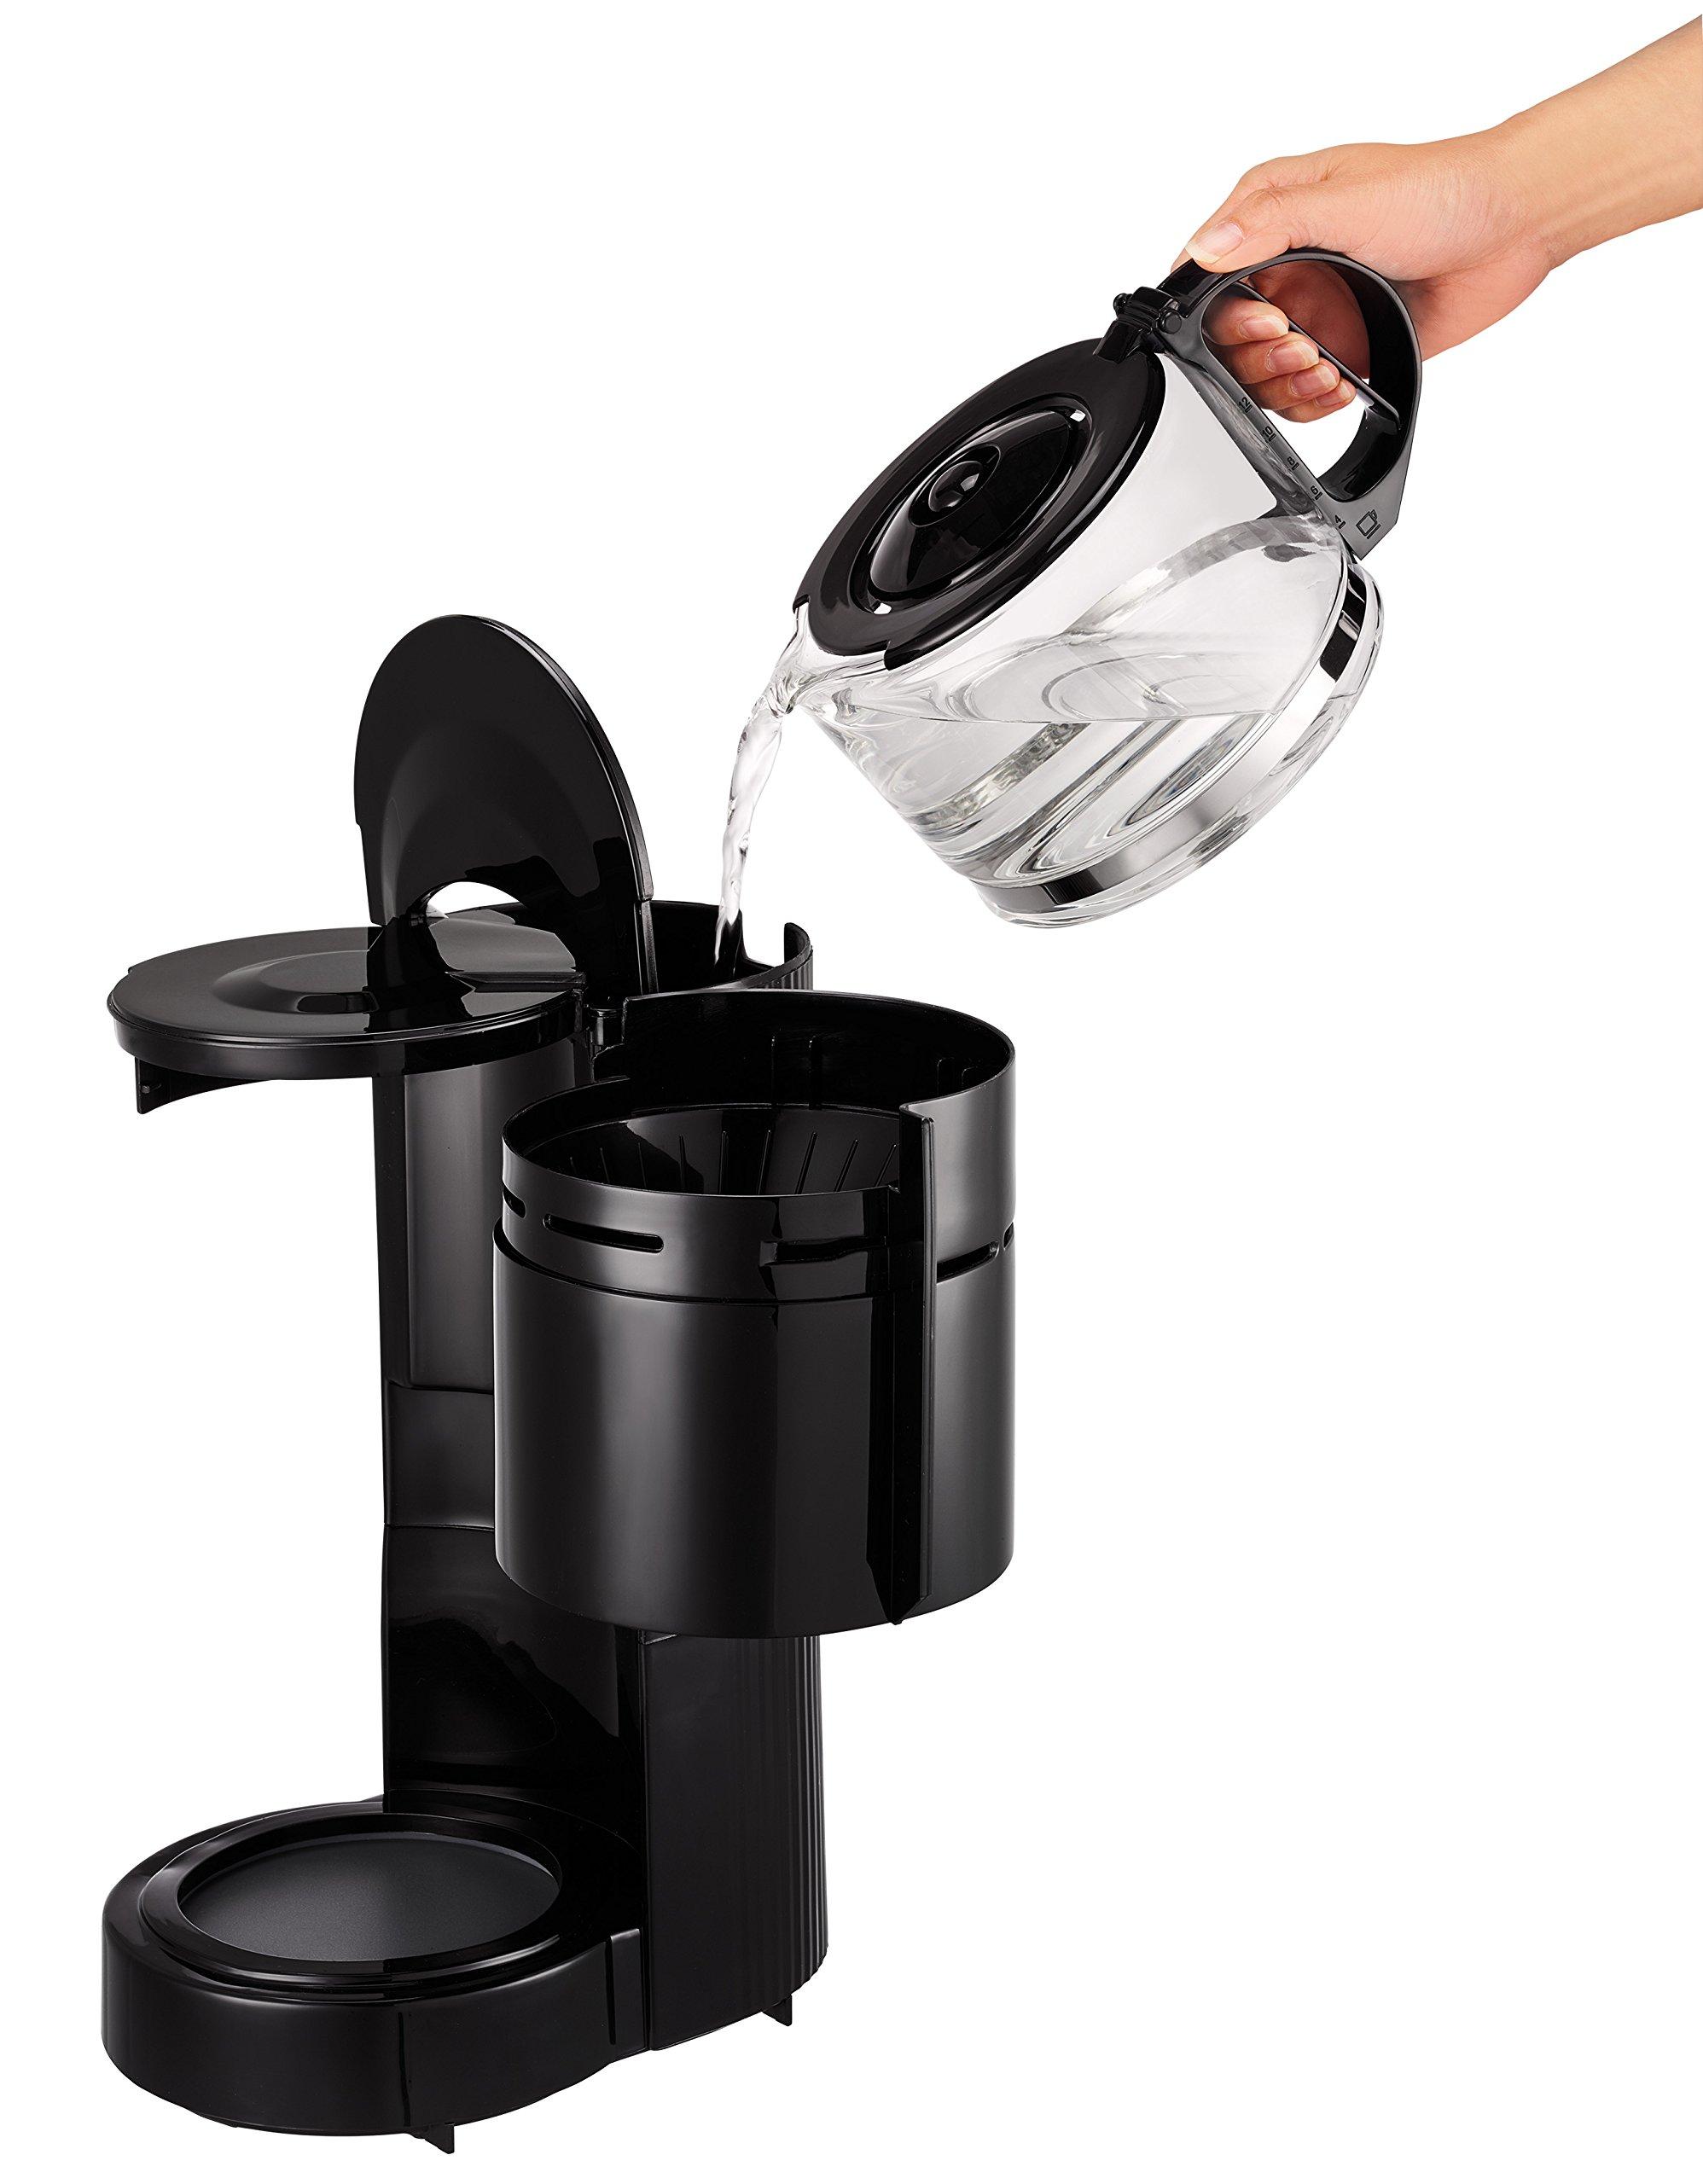 Tefal-Uno-CM1218-Filterkaffeemaschine-11-Liter-schwarz